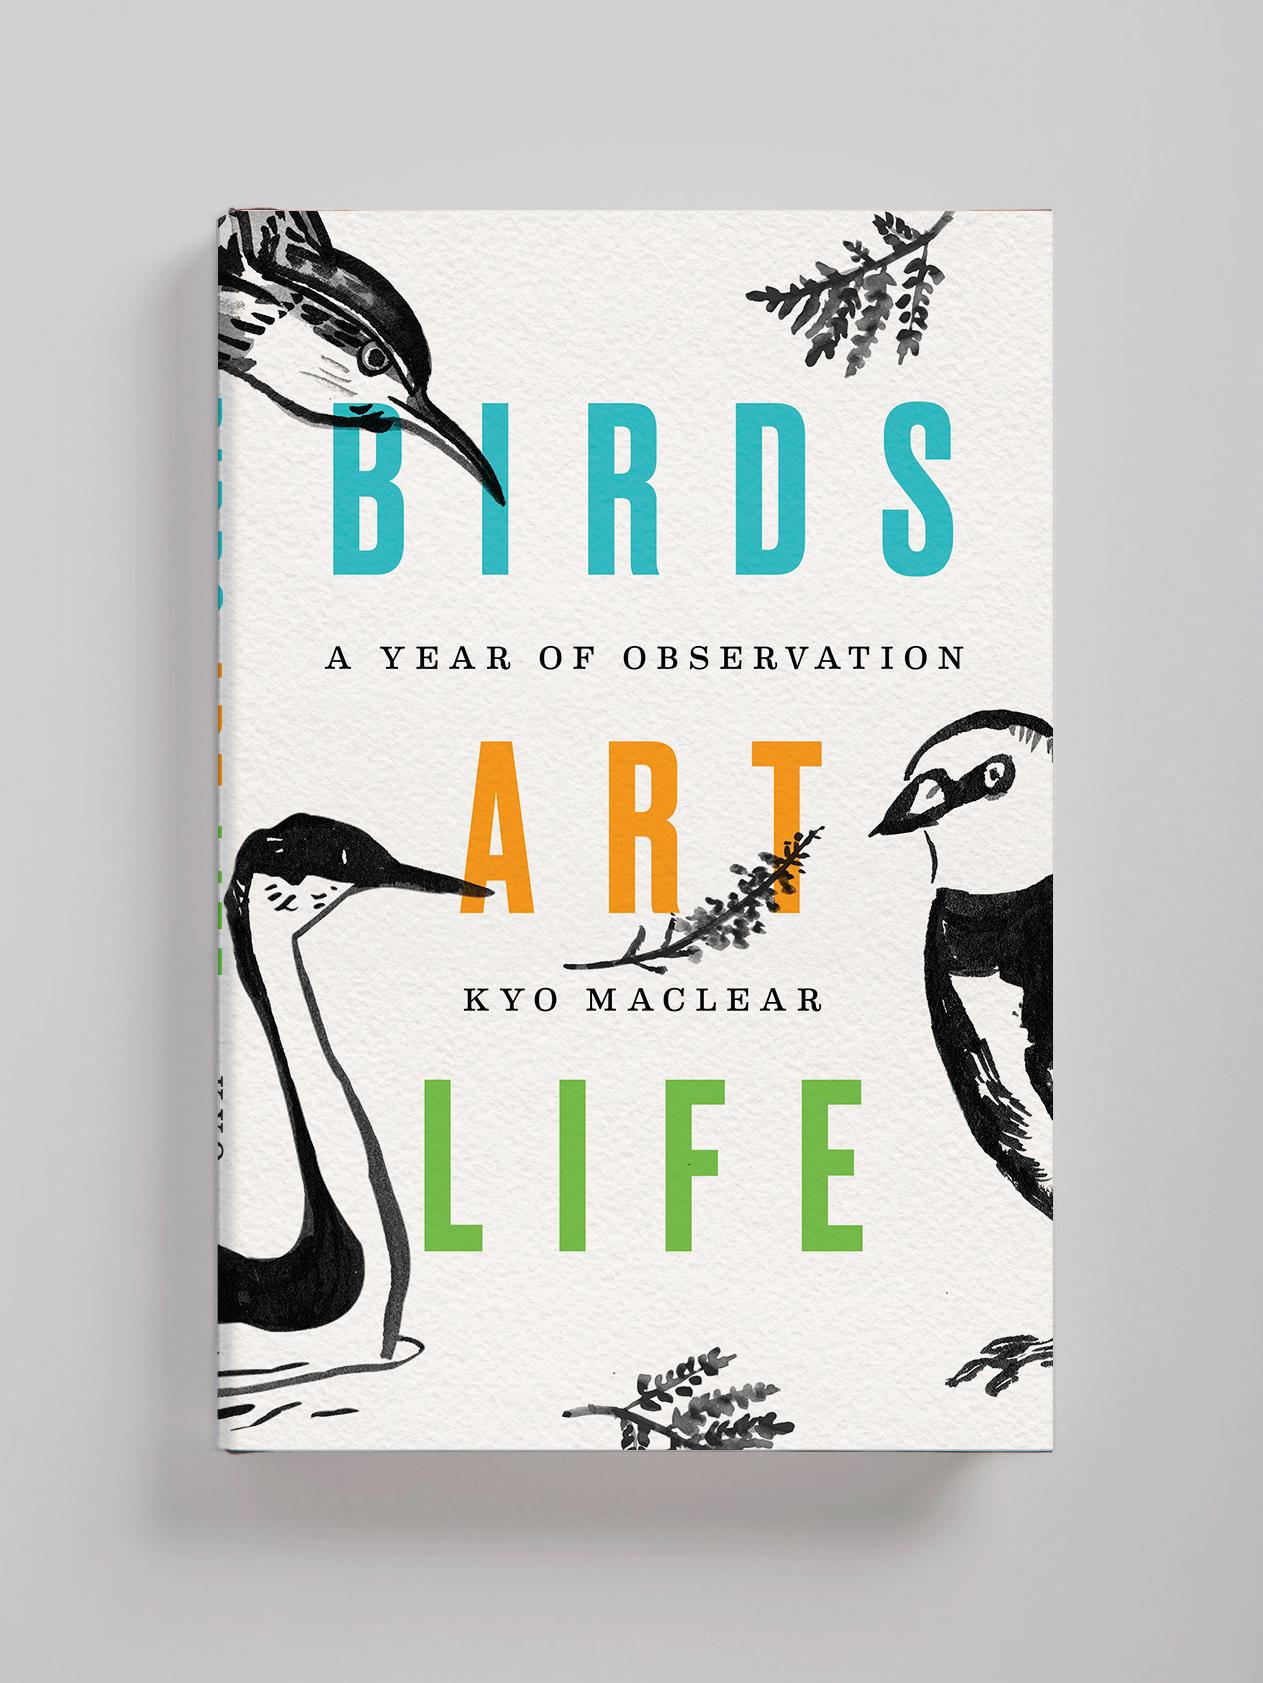 Lauren Peters-Collaer—Birds Art Life